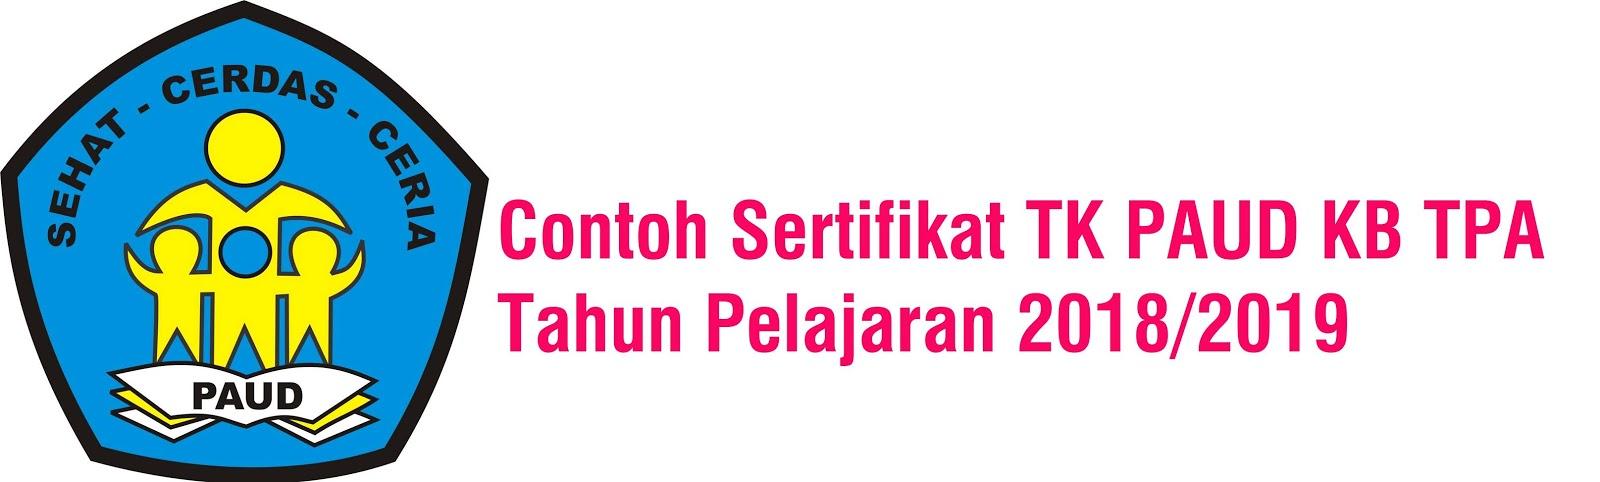 Contoh Sertifikat Tk Paud Kb Tpa Tahun Pelajaran 2018 2019 Administrasi Tk Paud